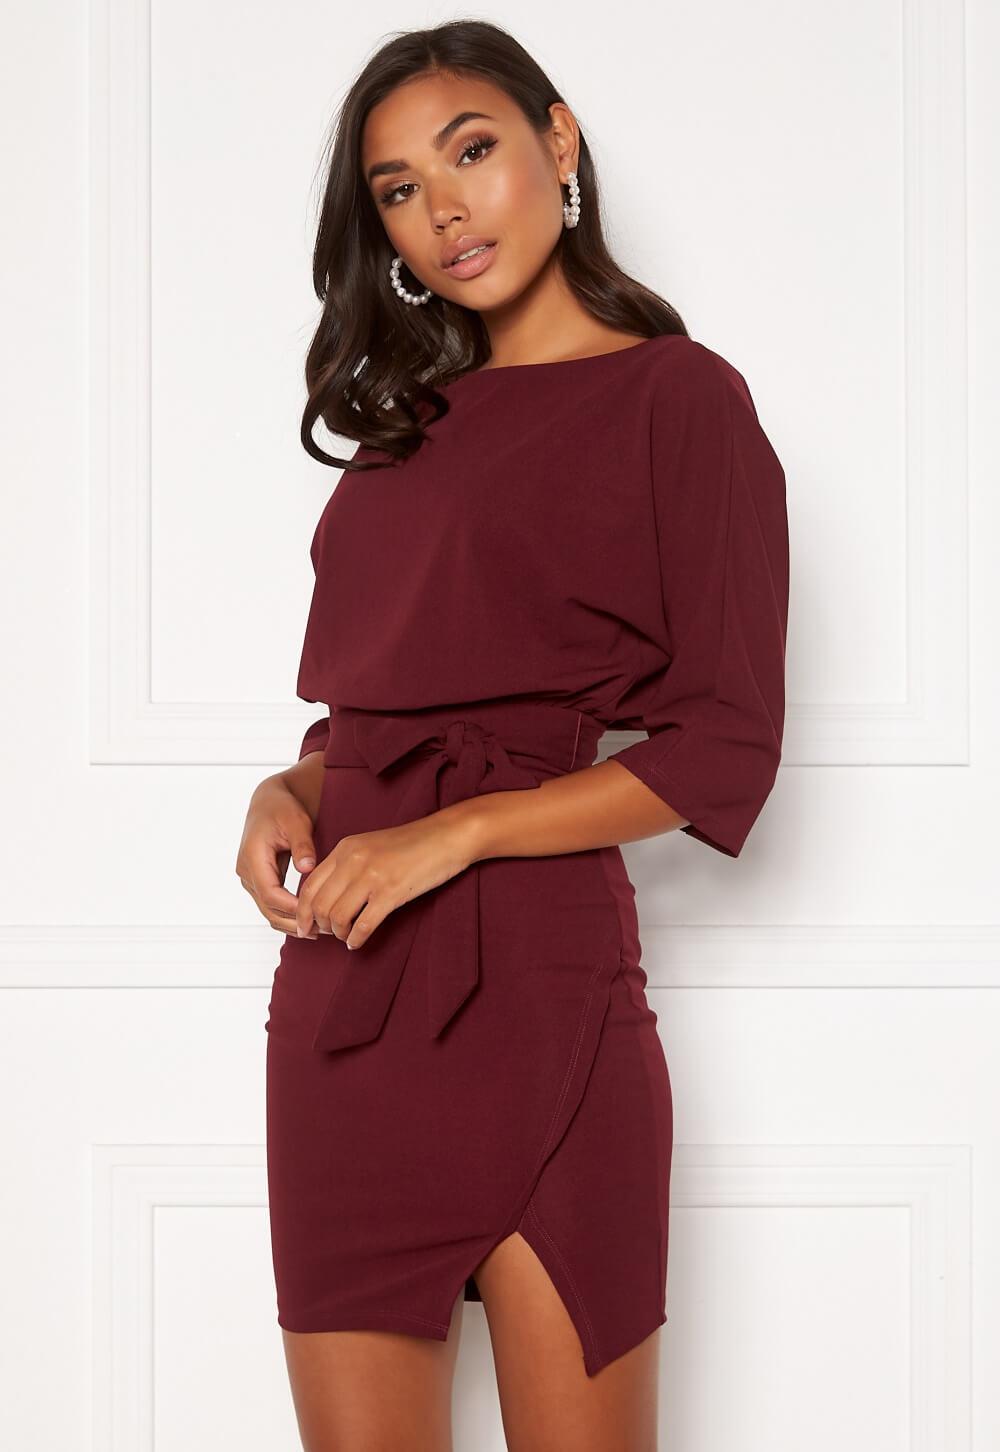 Vinröd klänning med lös överdel och tightare underdel.